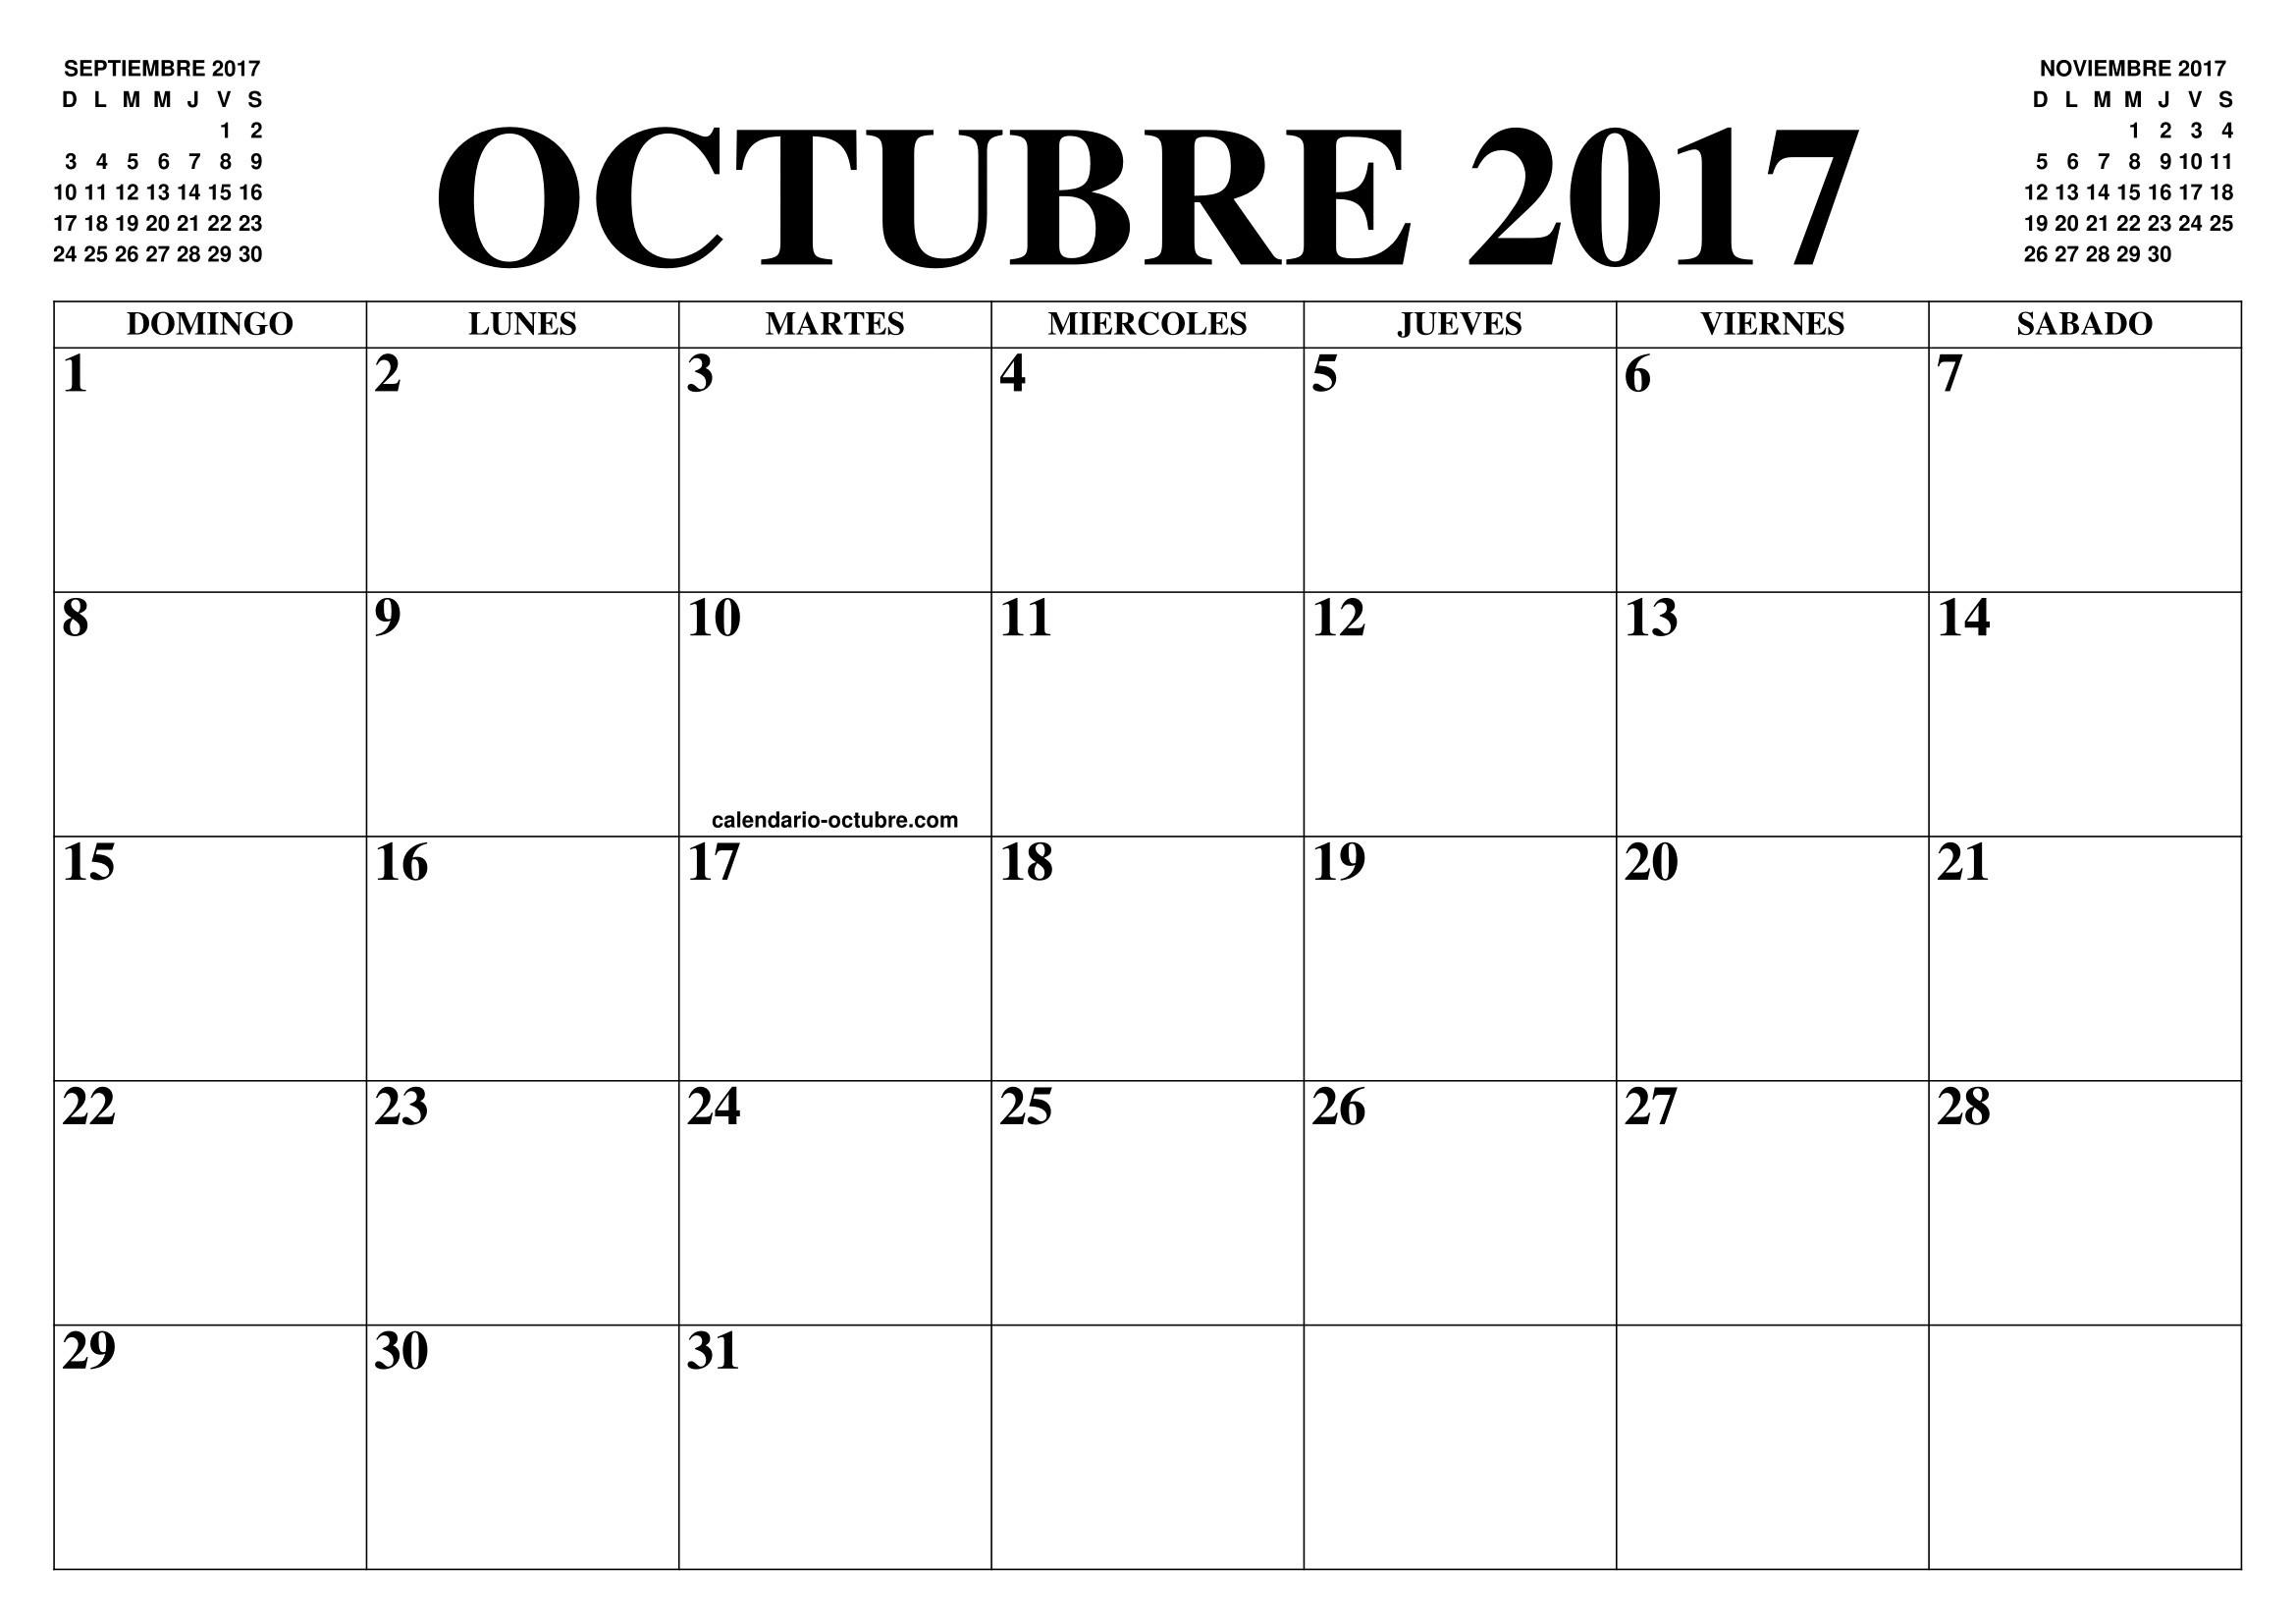 Calendario Mensual Octubre 2019 Para Imprimir Más Recientes Best Calendario Septiembre Y Octubre 2015 Para Imprimir Image Collection